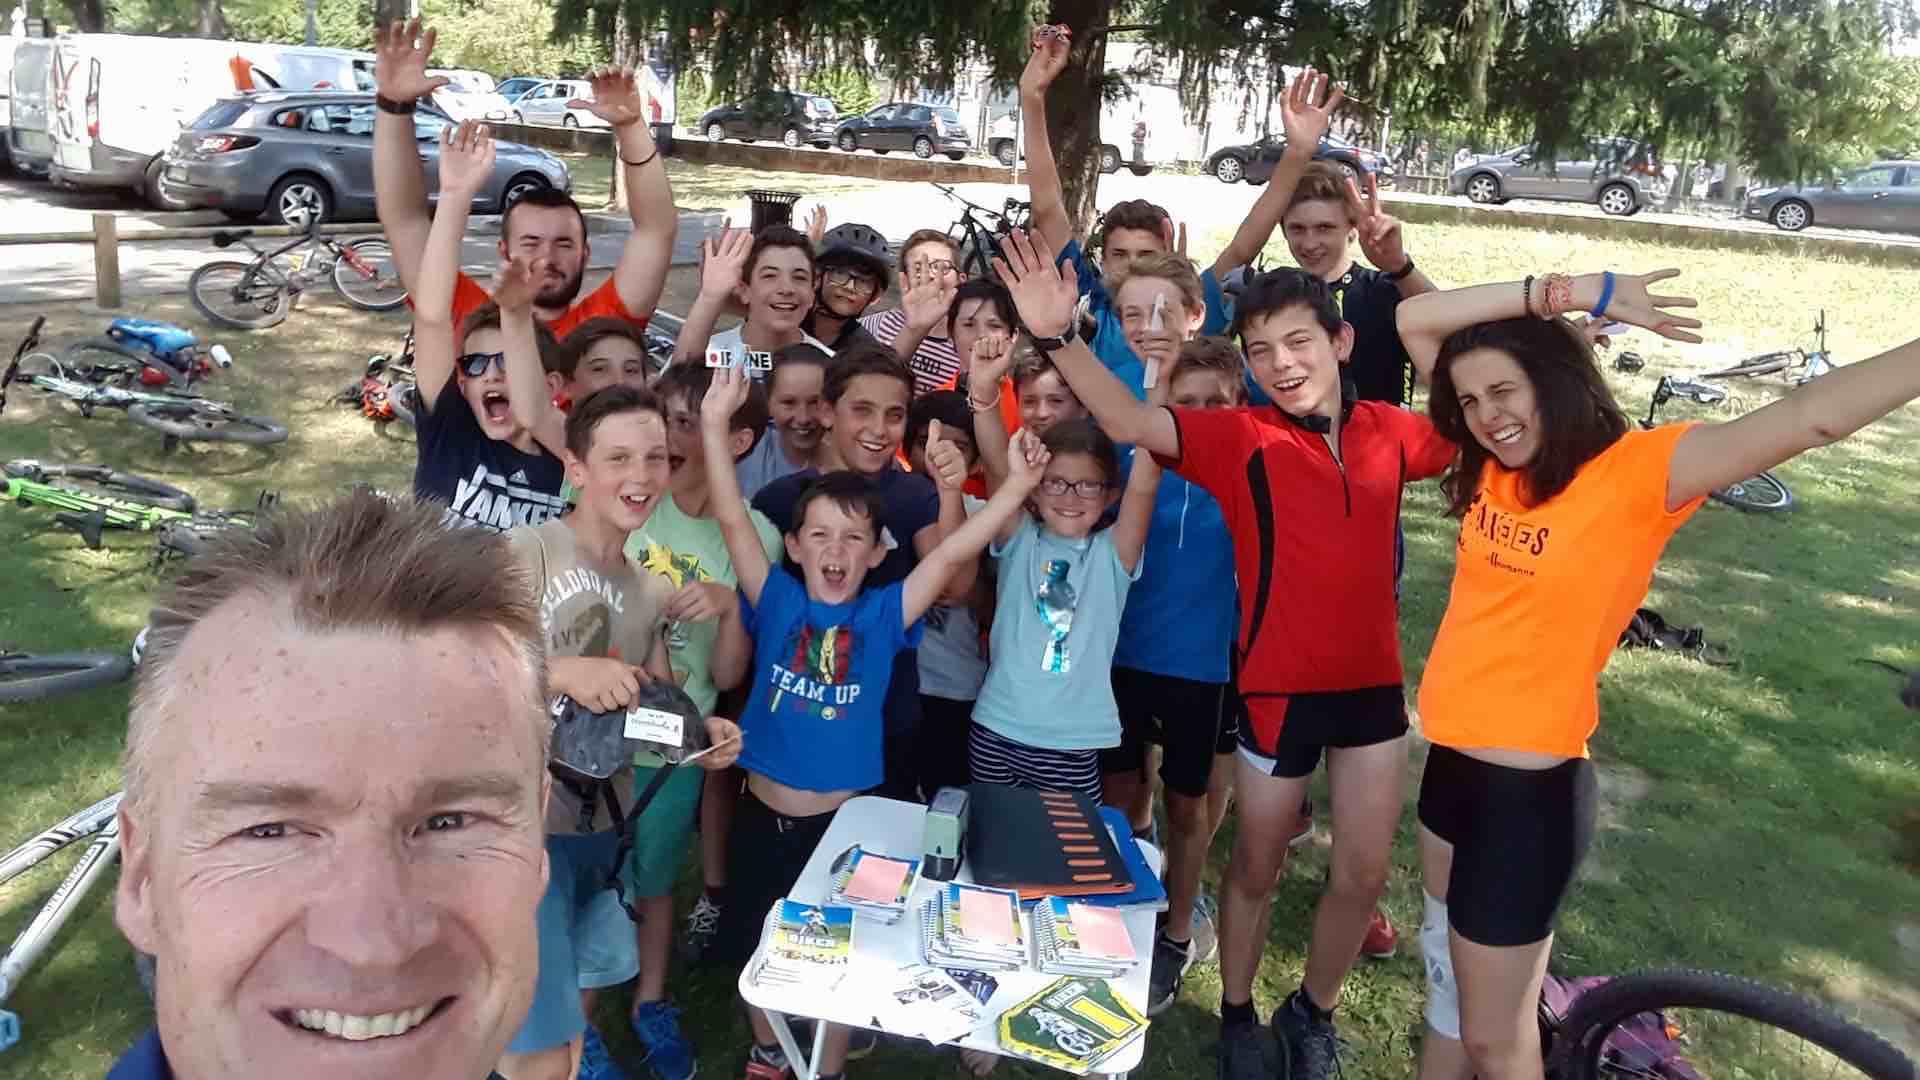 groupe de jeunes levant les bras de joie suite à un stage VTT à Brignais dans le Rhône